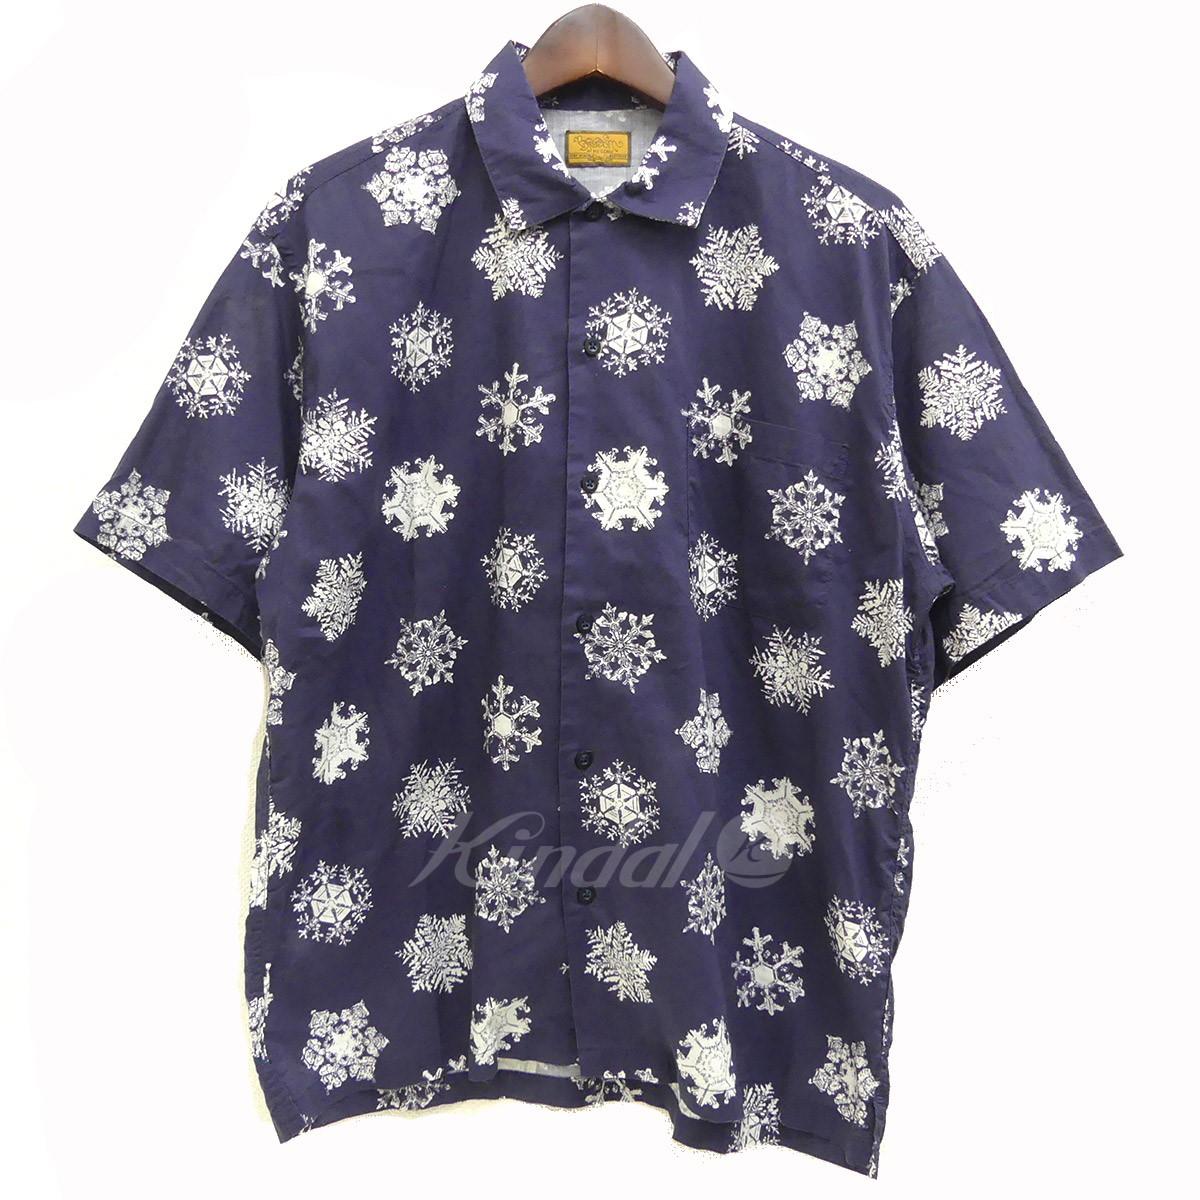 【中古】BROWN by 2-tacs アロハシャツ ネイビー サイズ:S 【送料無料】 【090518】(ブラウンバイツータックス)